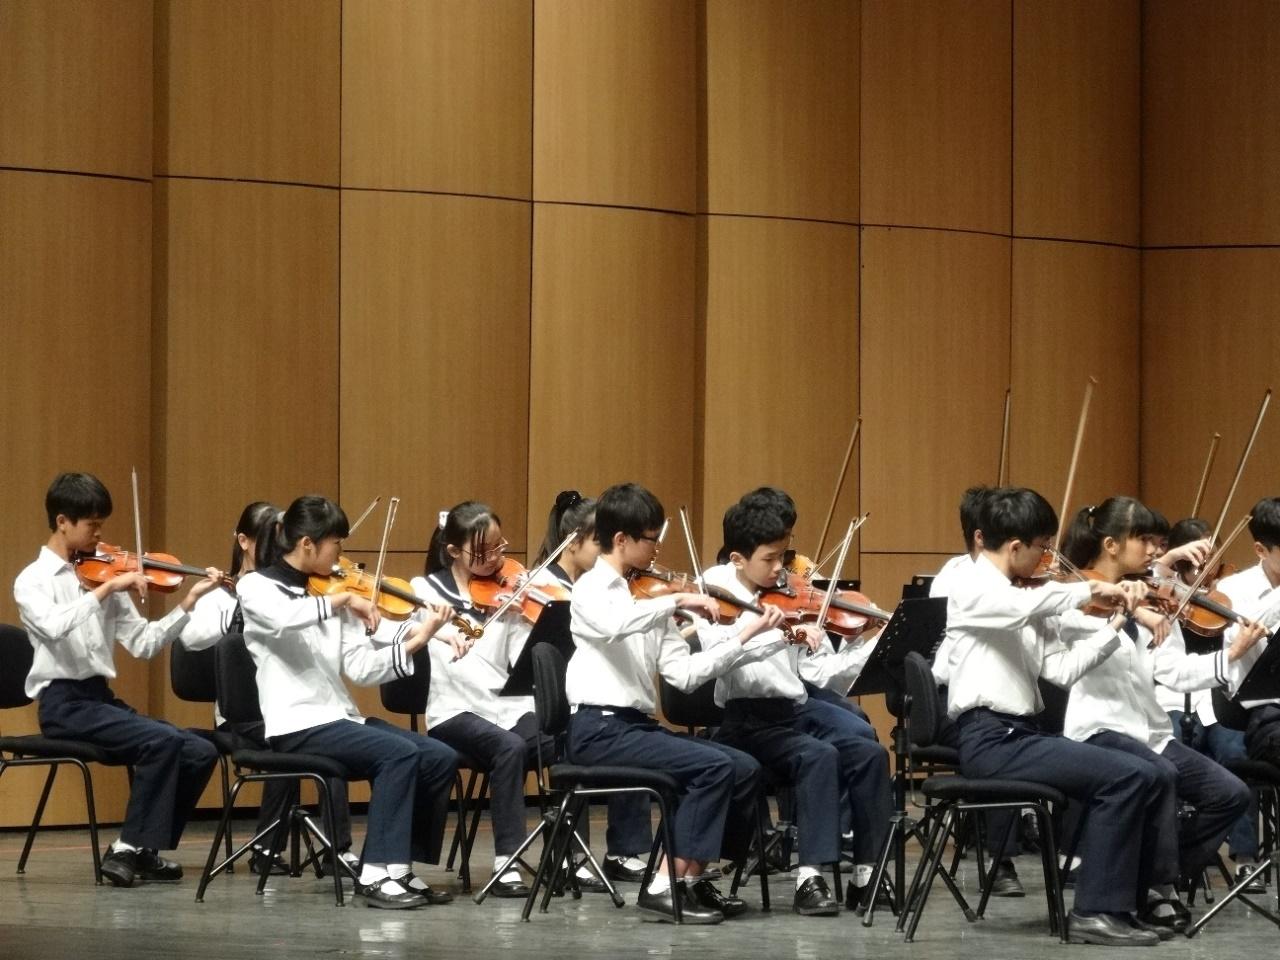 104學年度團體項目-弦樂合奏團